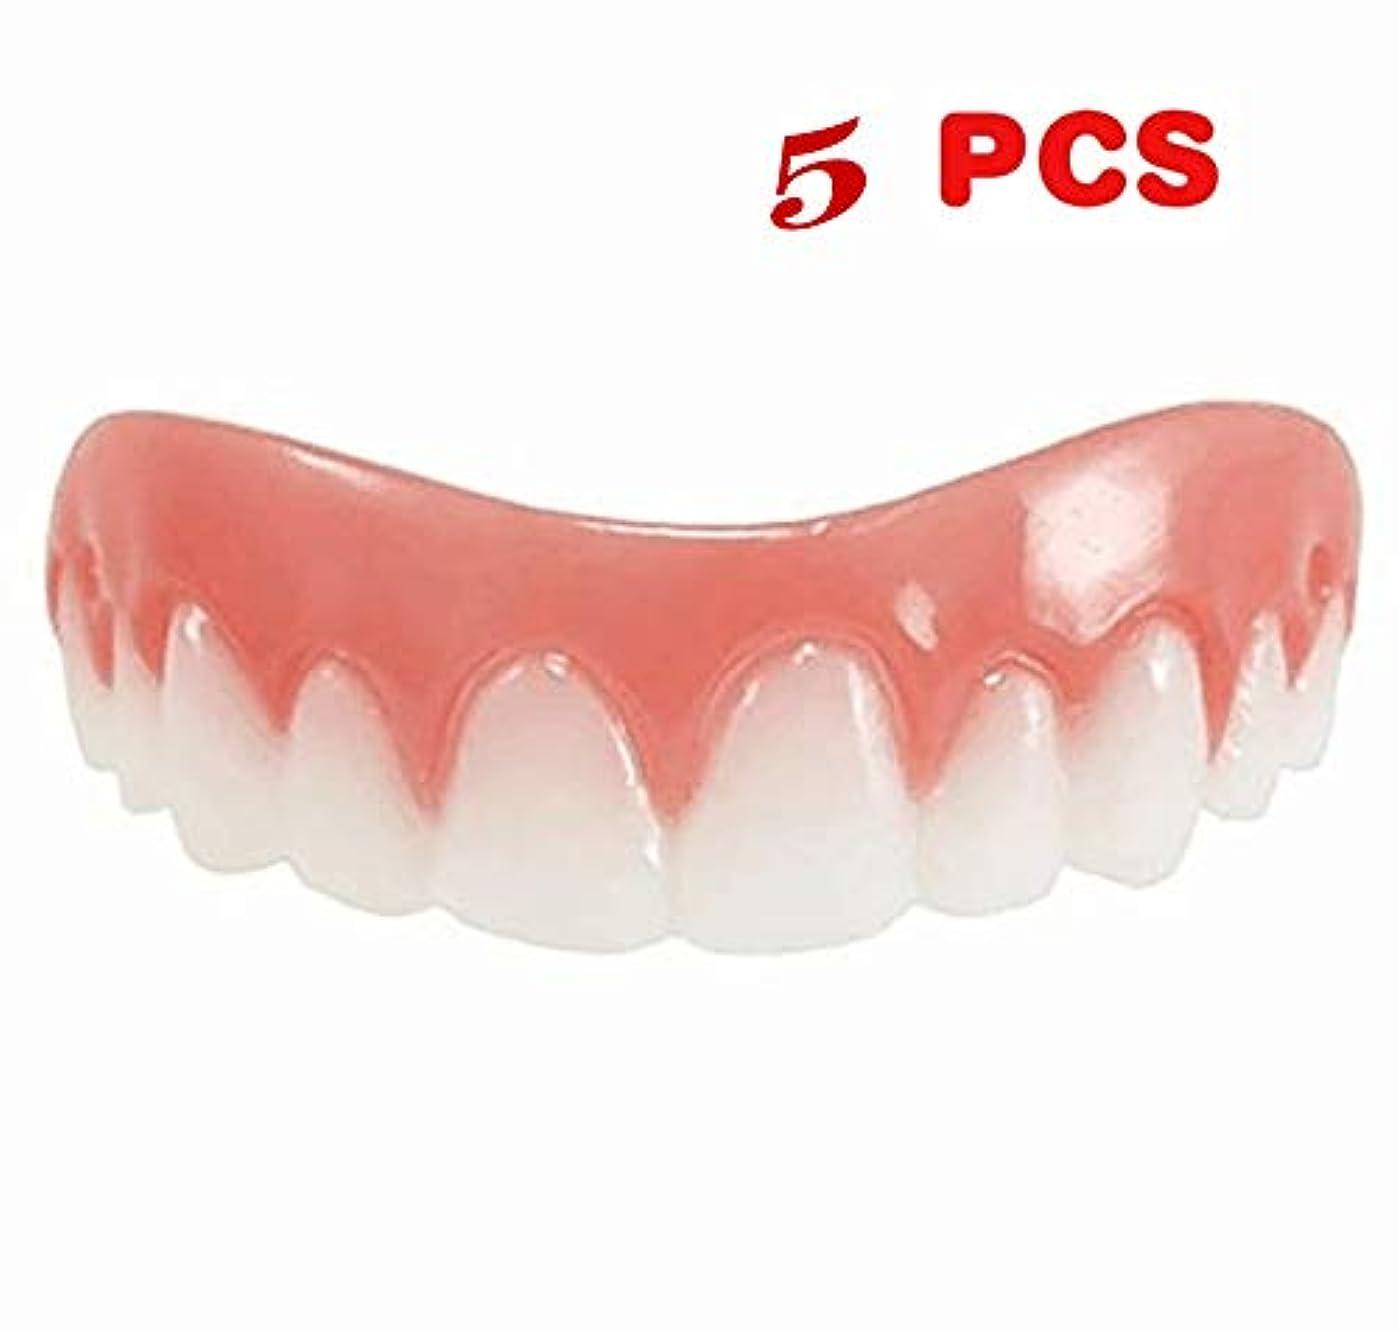 任命ピカソ終了しました5ピース新しい再利用可能な大人のスナップオンパーフェクトスマイルホワイトニング義歯フィットフレックス化粧品歯快適な突き板カバーデンタルケアアクセサリー